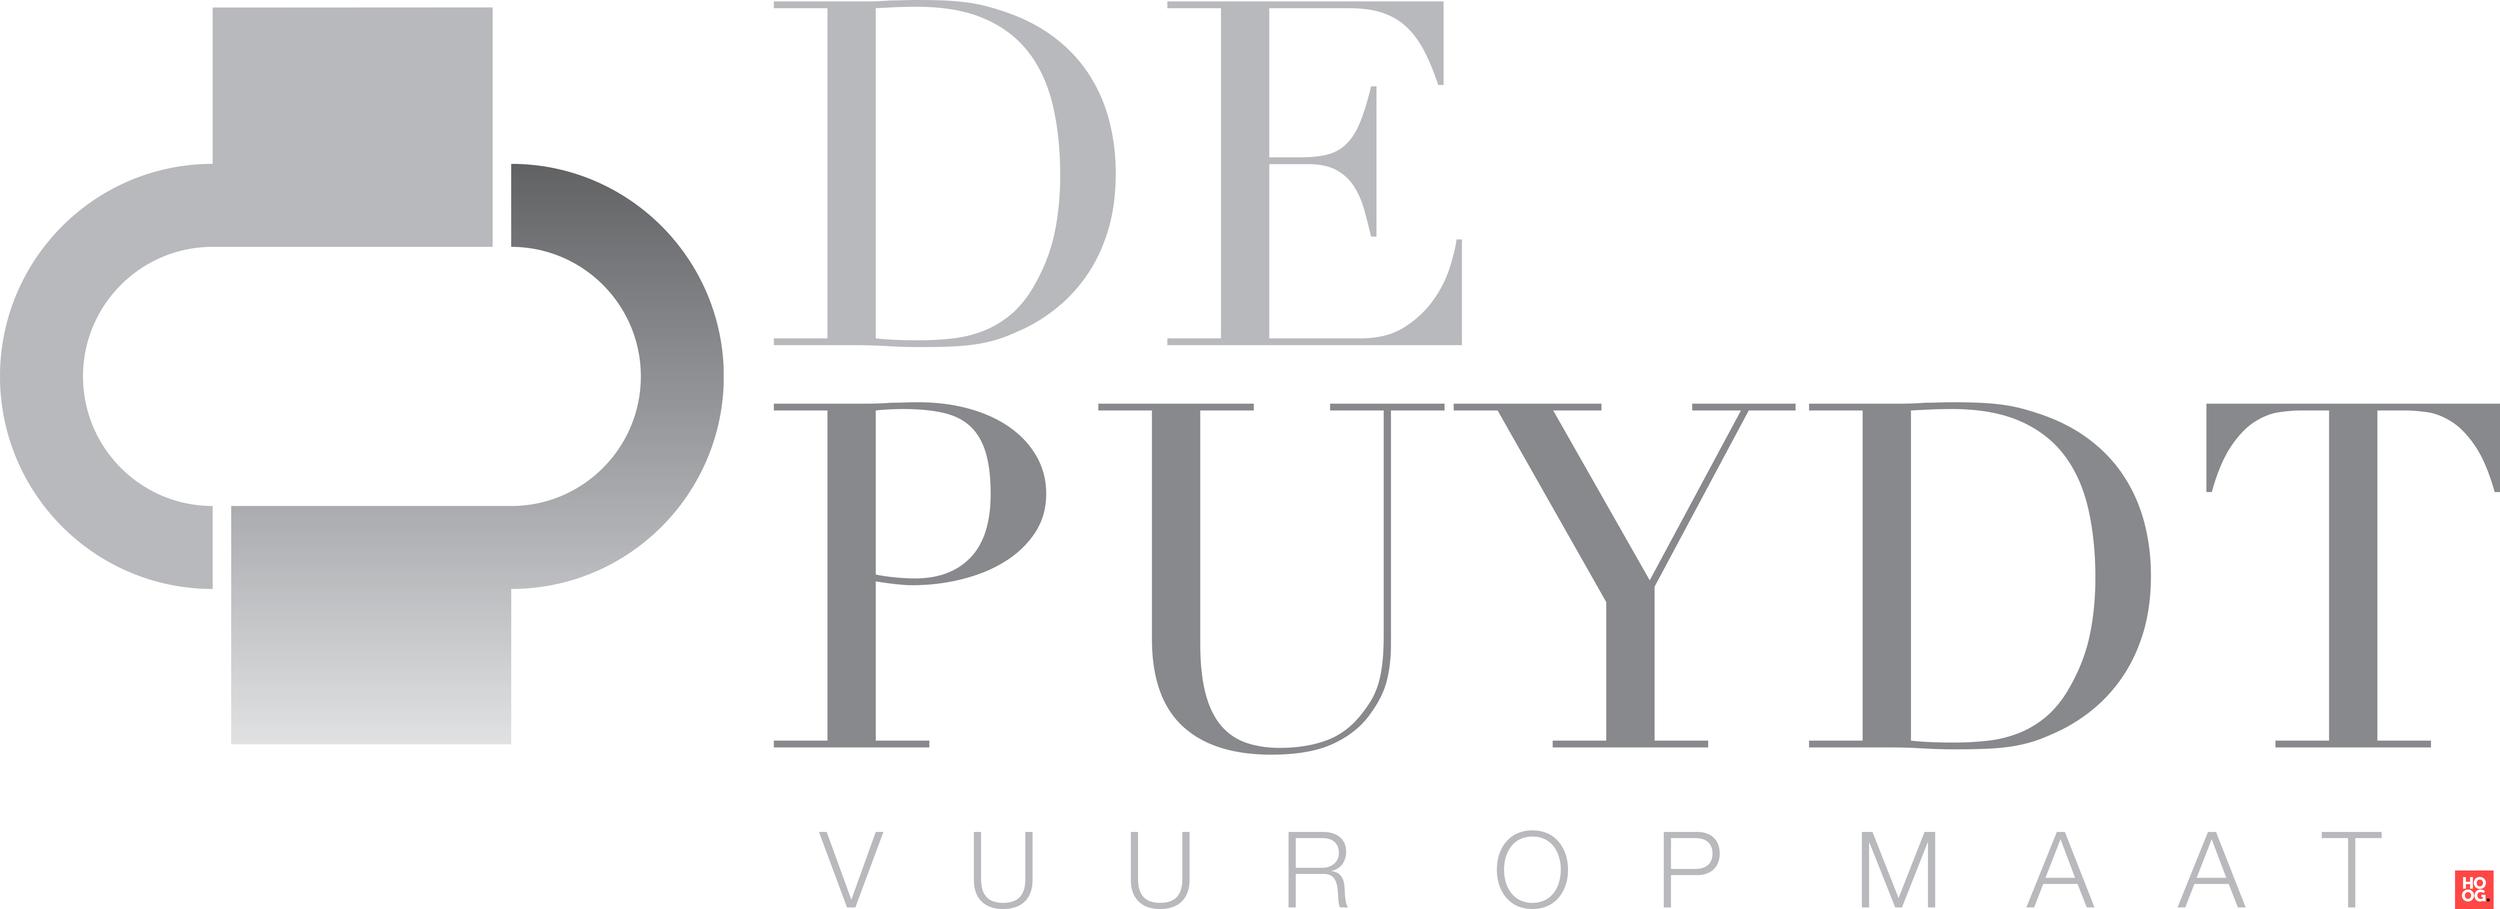 dp_logo-verloop-2014.jpg